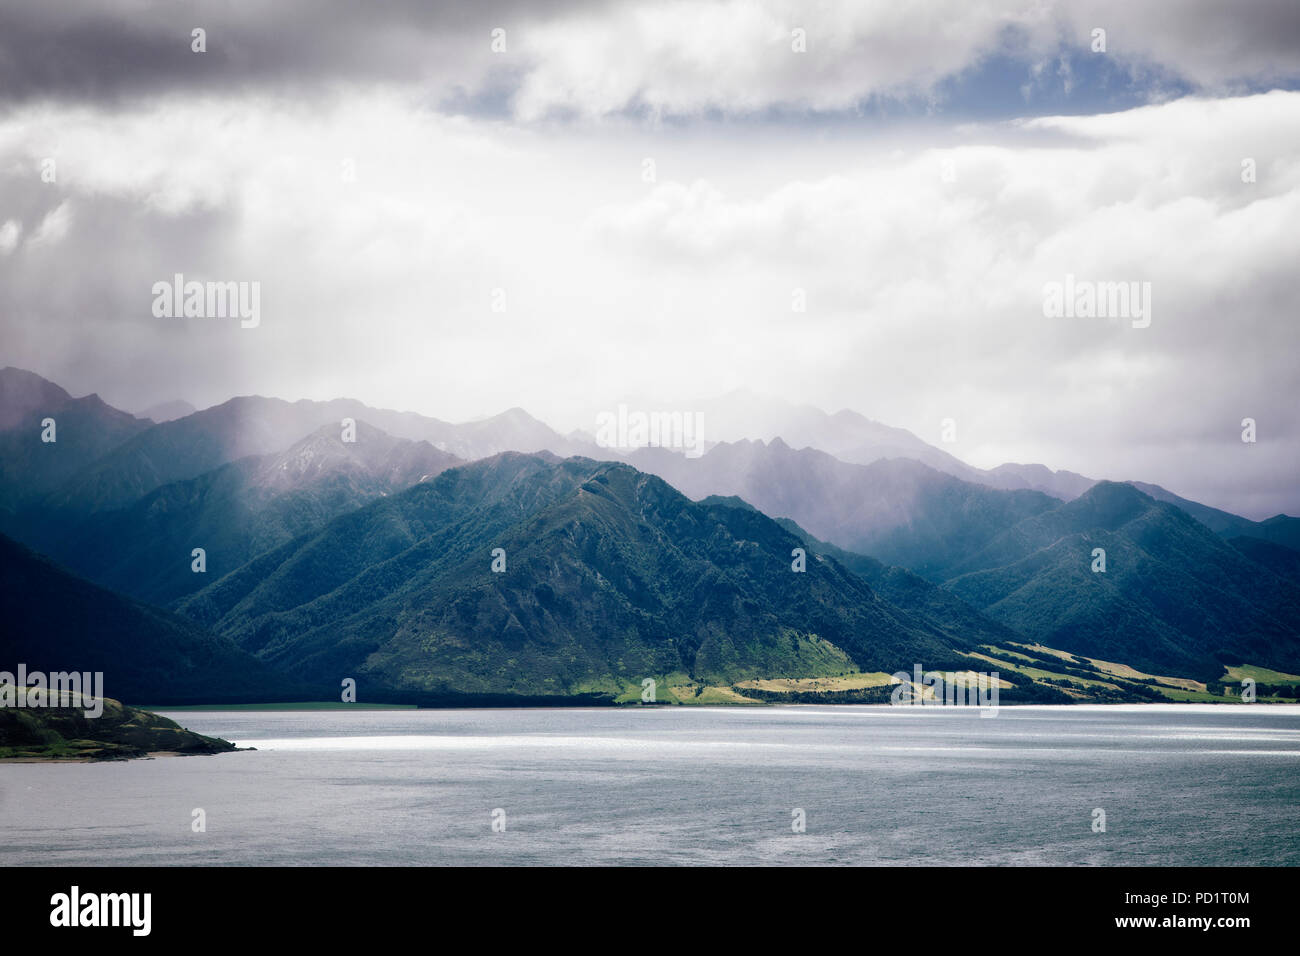 Las nubes y el sol atravesando el lago Hawea, Isla del Sur, Nueva Zelanda. Imagen De Stock